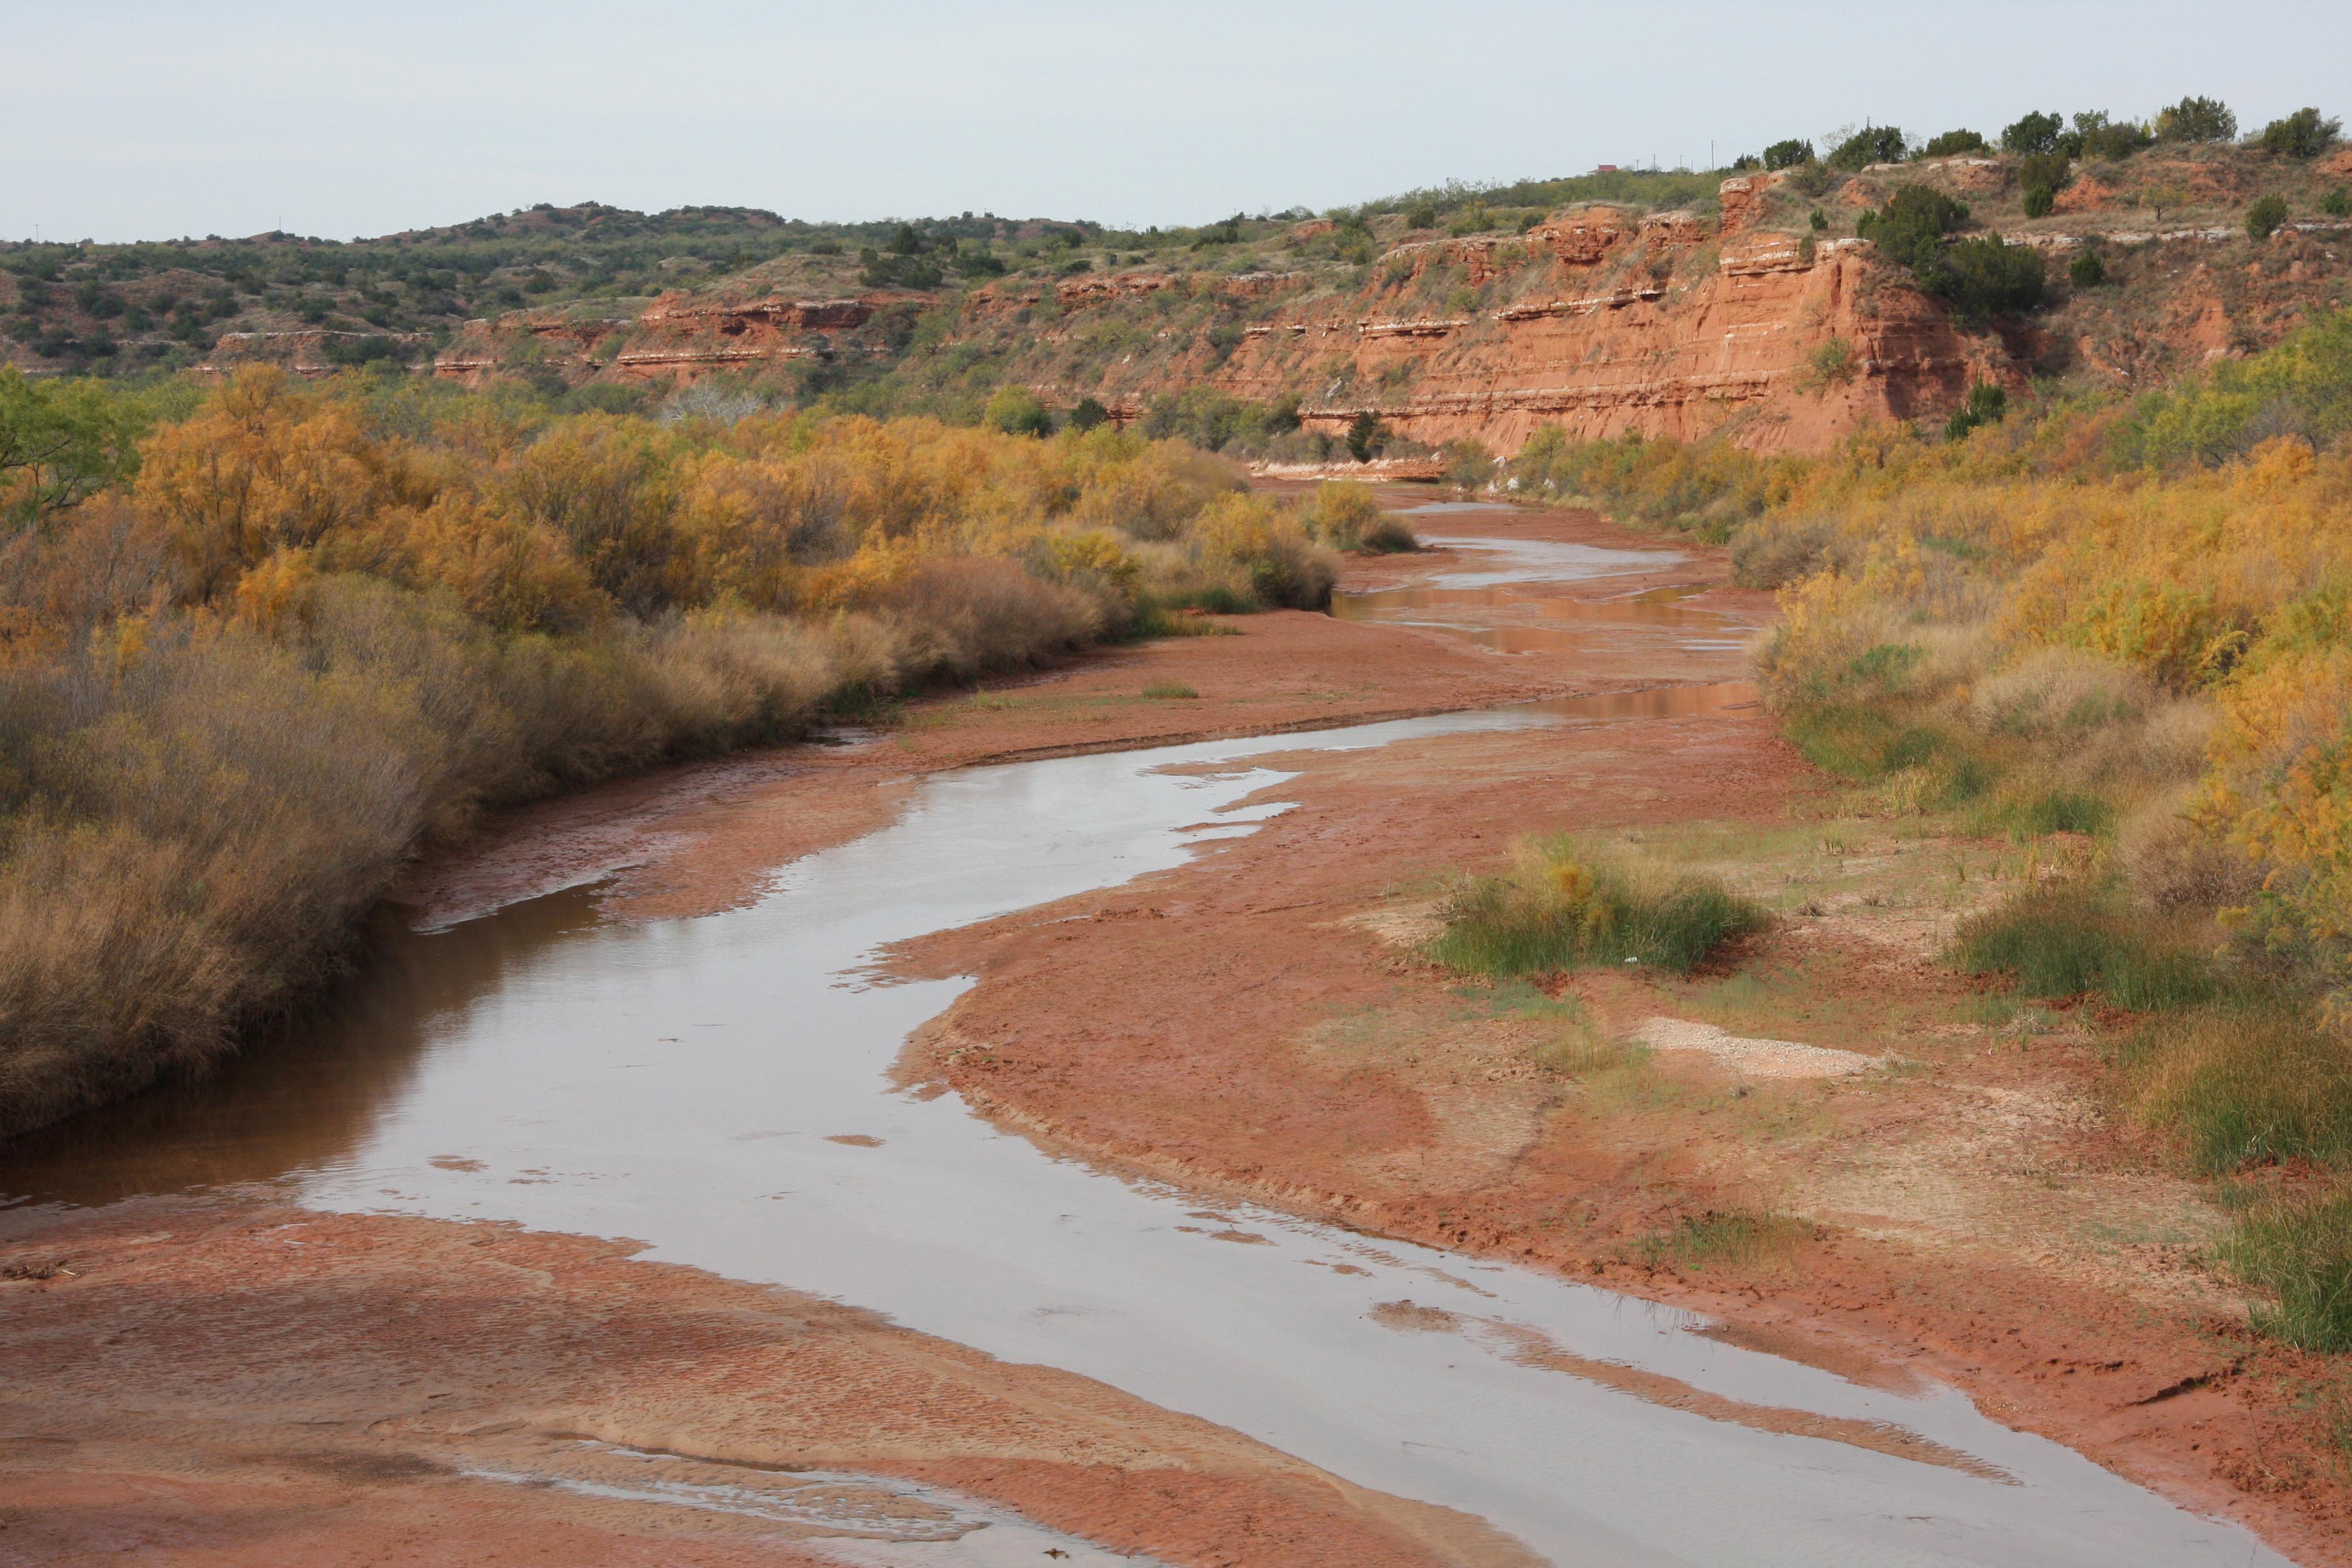 Description brazos river double mountain fork rotan texas 2009